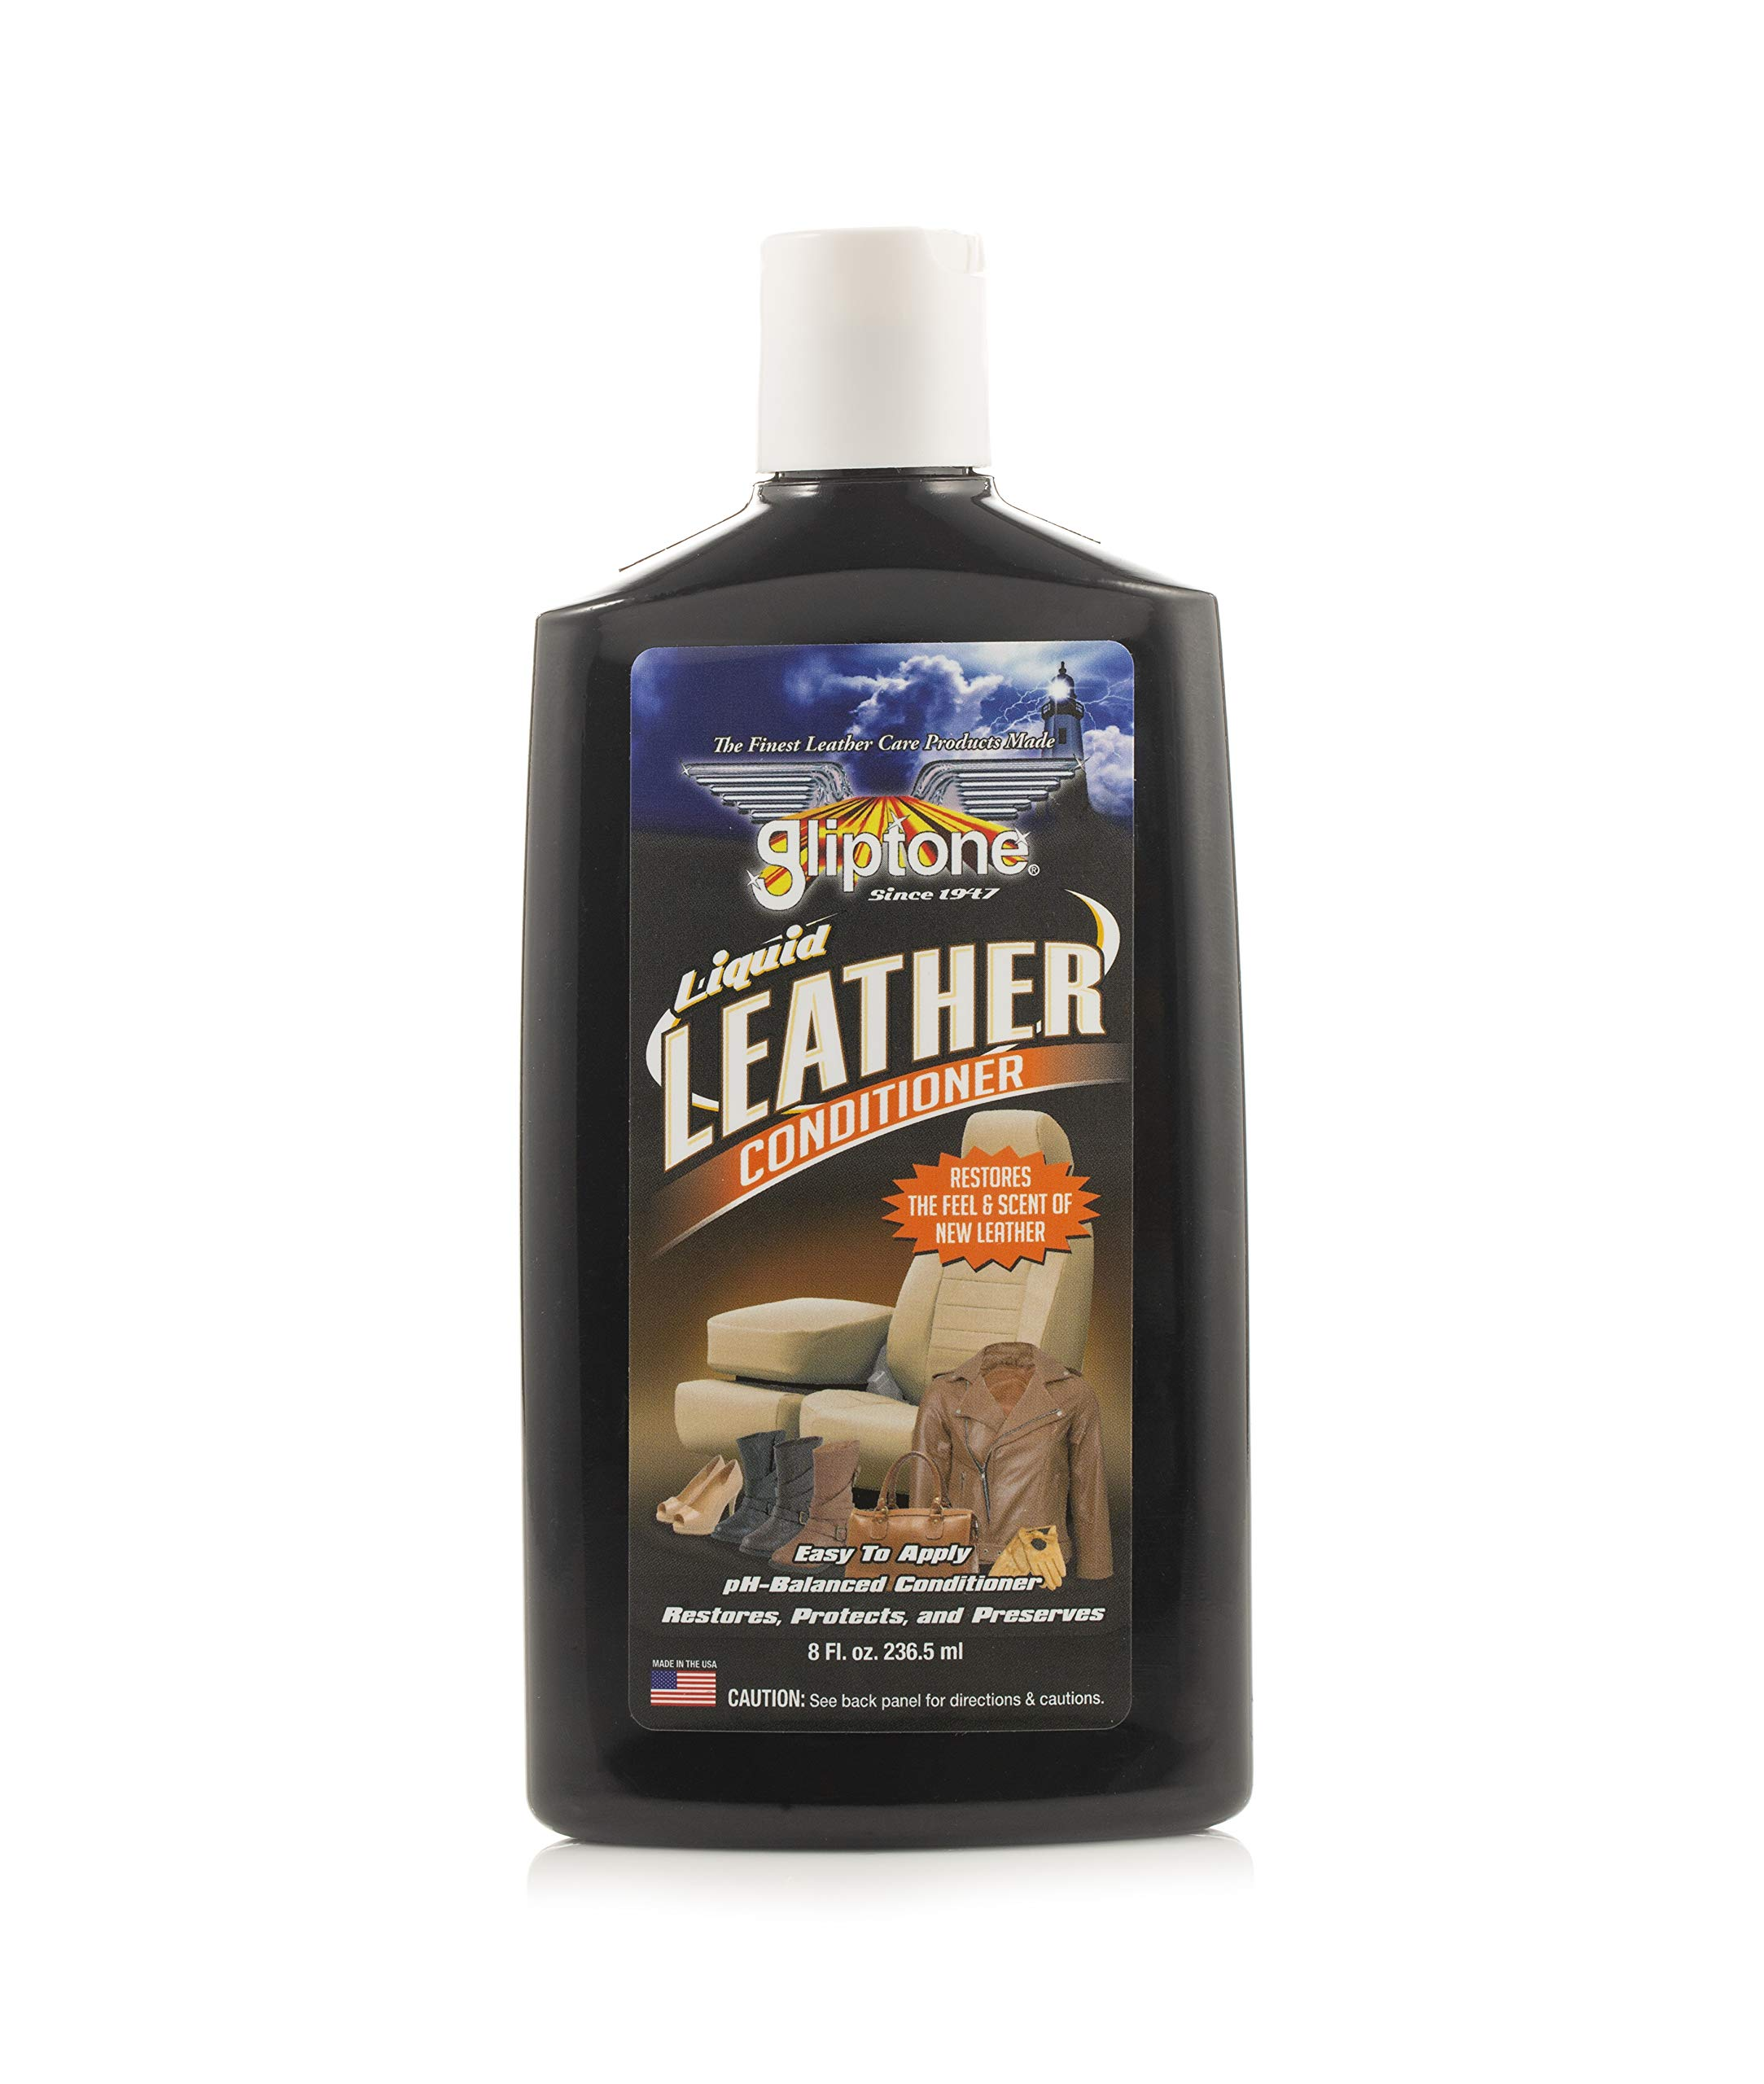 Gliptone GT1108 Leather Conditioner, Natural Leather Scent, Liquid Leather Conditioner, Leather Care 236.5ml (8 OZ)